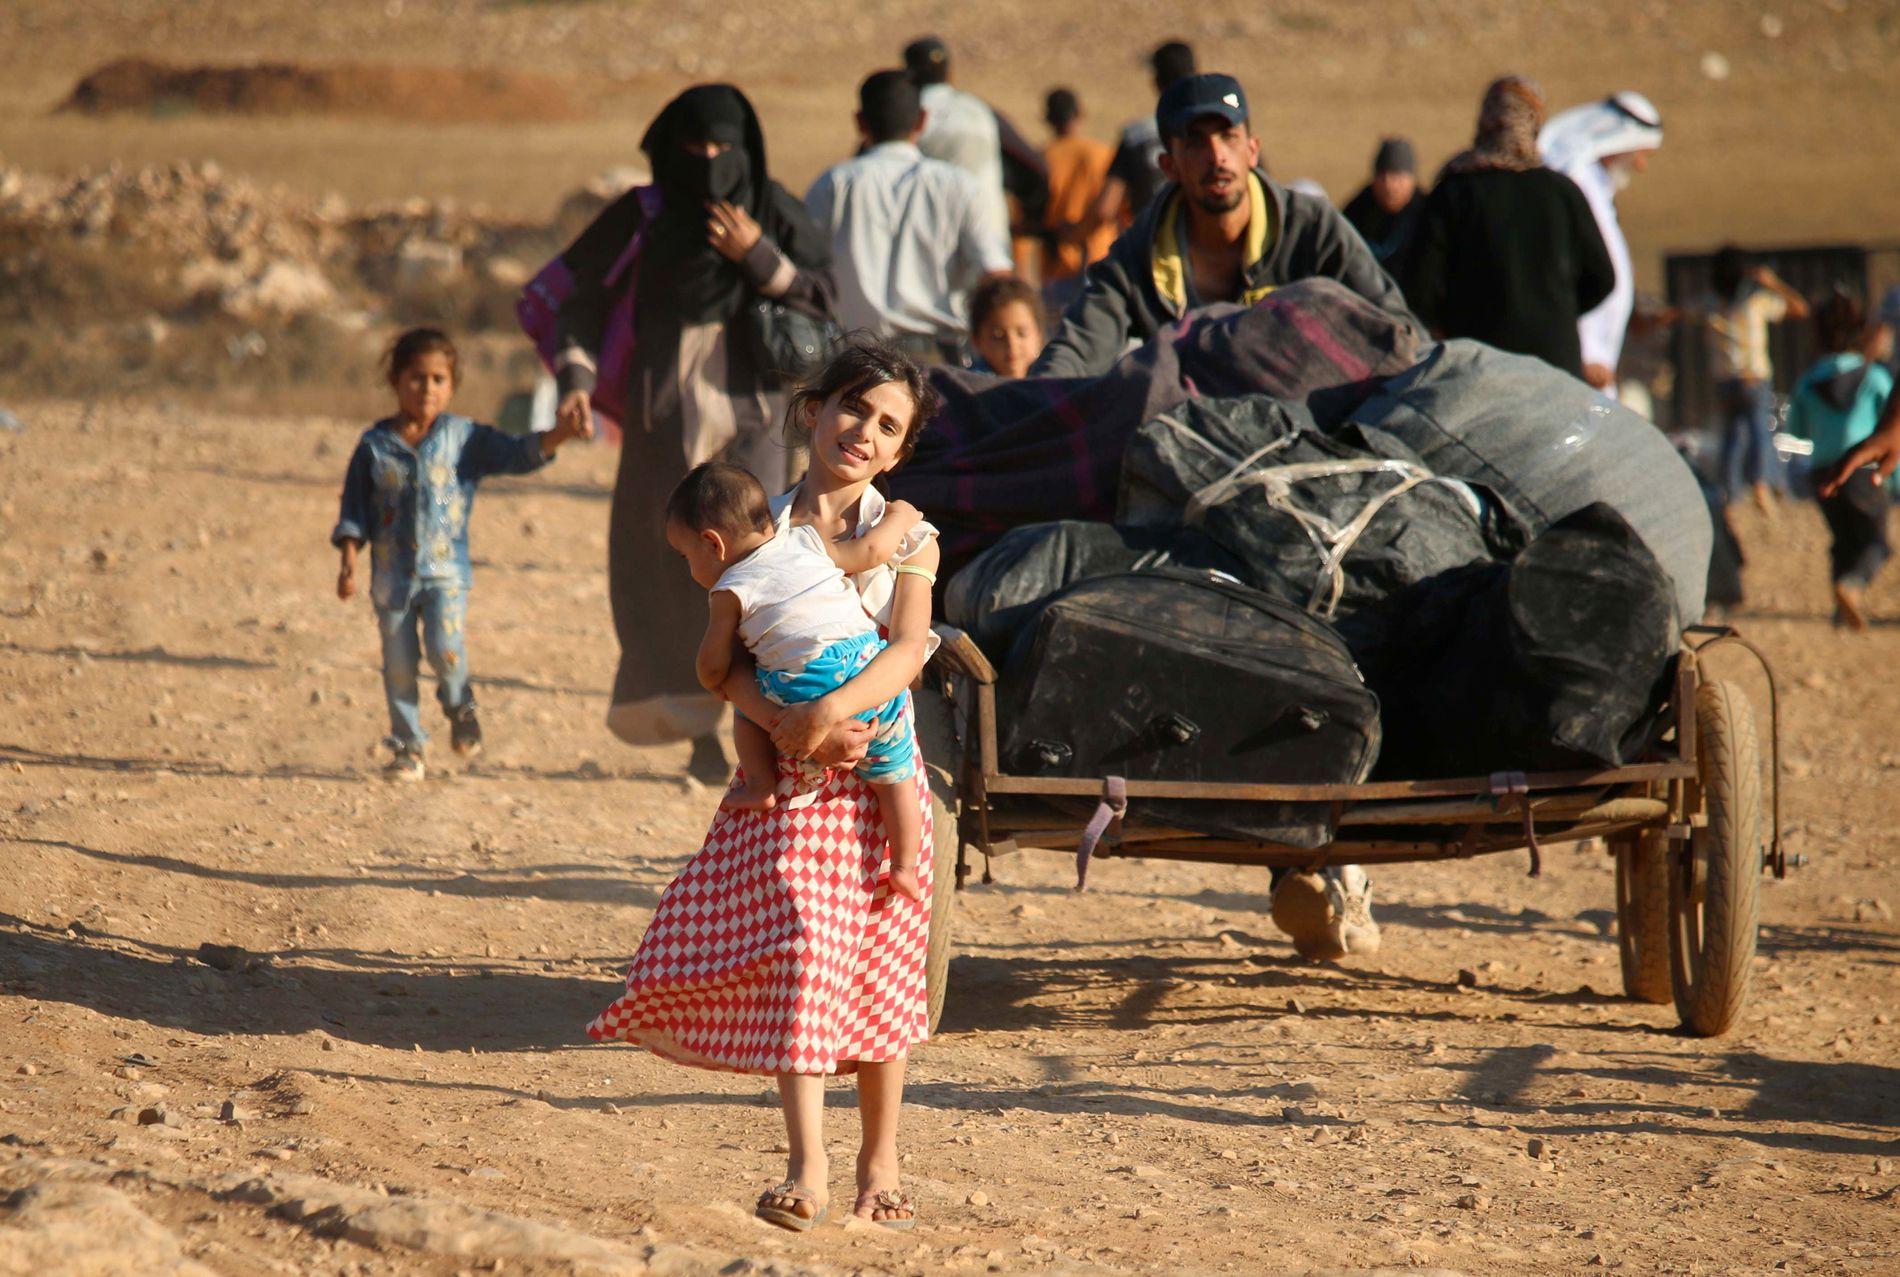 PÅ FLUKT: En syrisk flyktningfamilie i ferd med å krysse grensen mellom Jordan og Syria i august i fjor. Familien er blant de 66.000 syriske flyktningene som returnerte til hjemlandet i fjor.